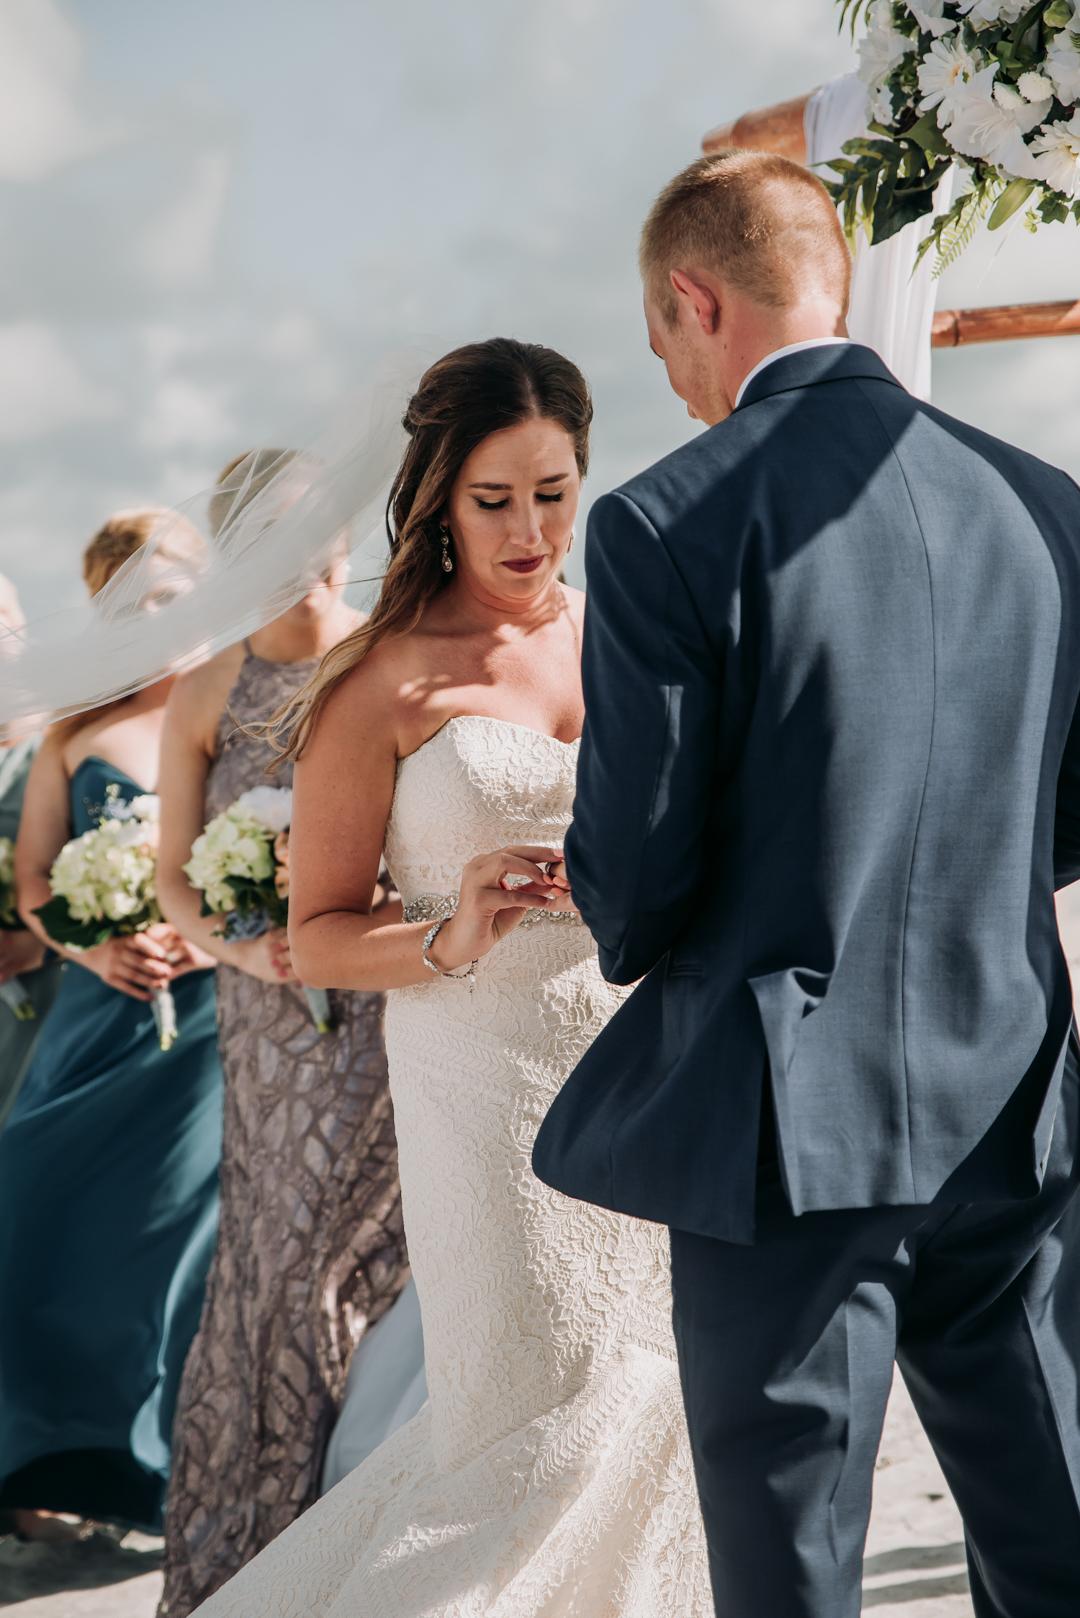 honeymoon-island-wedding-anastasia-noel-98.jpg